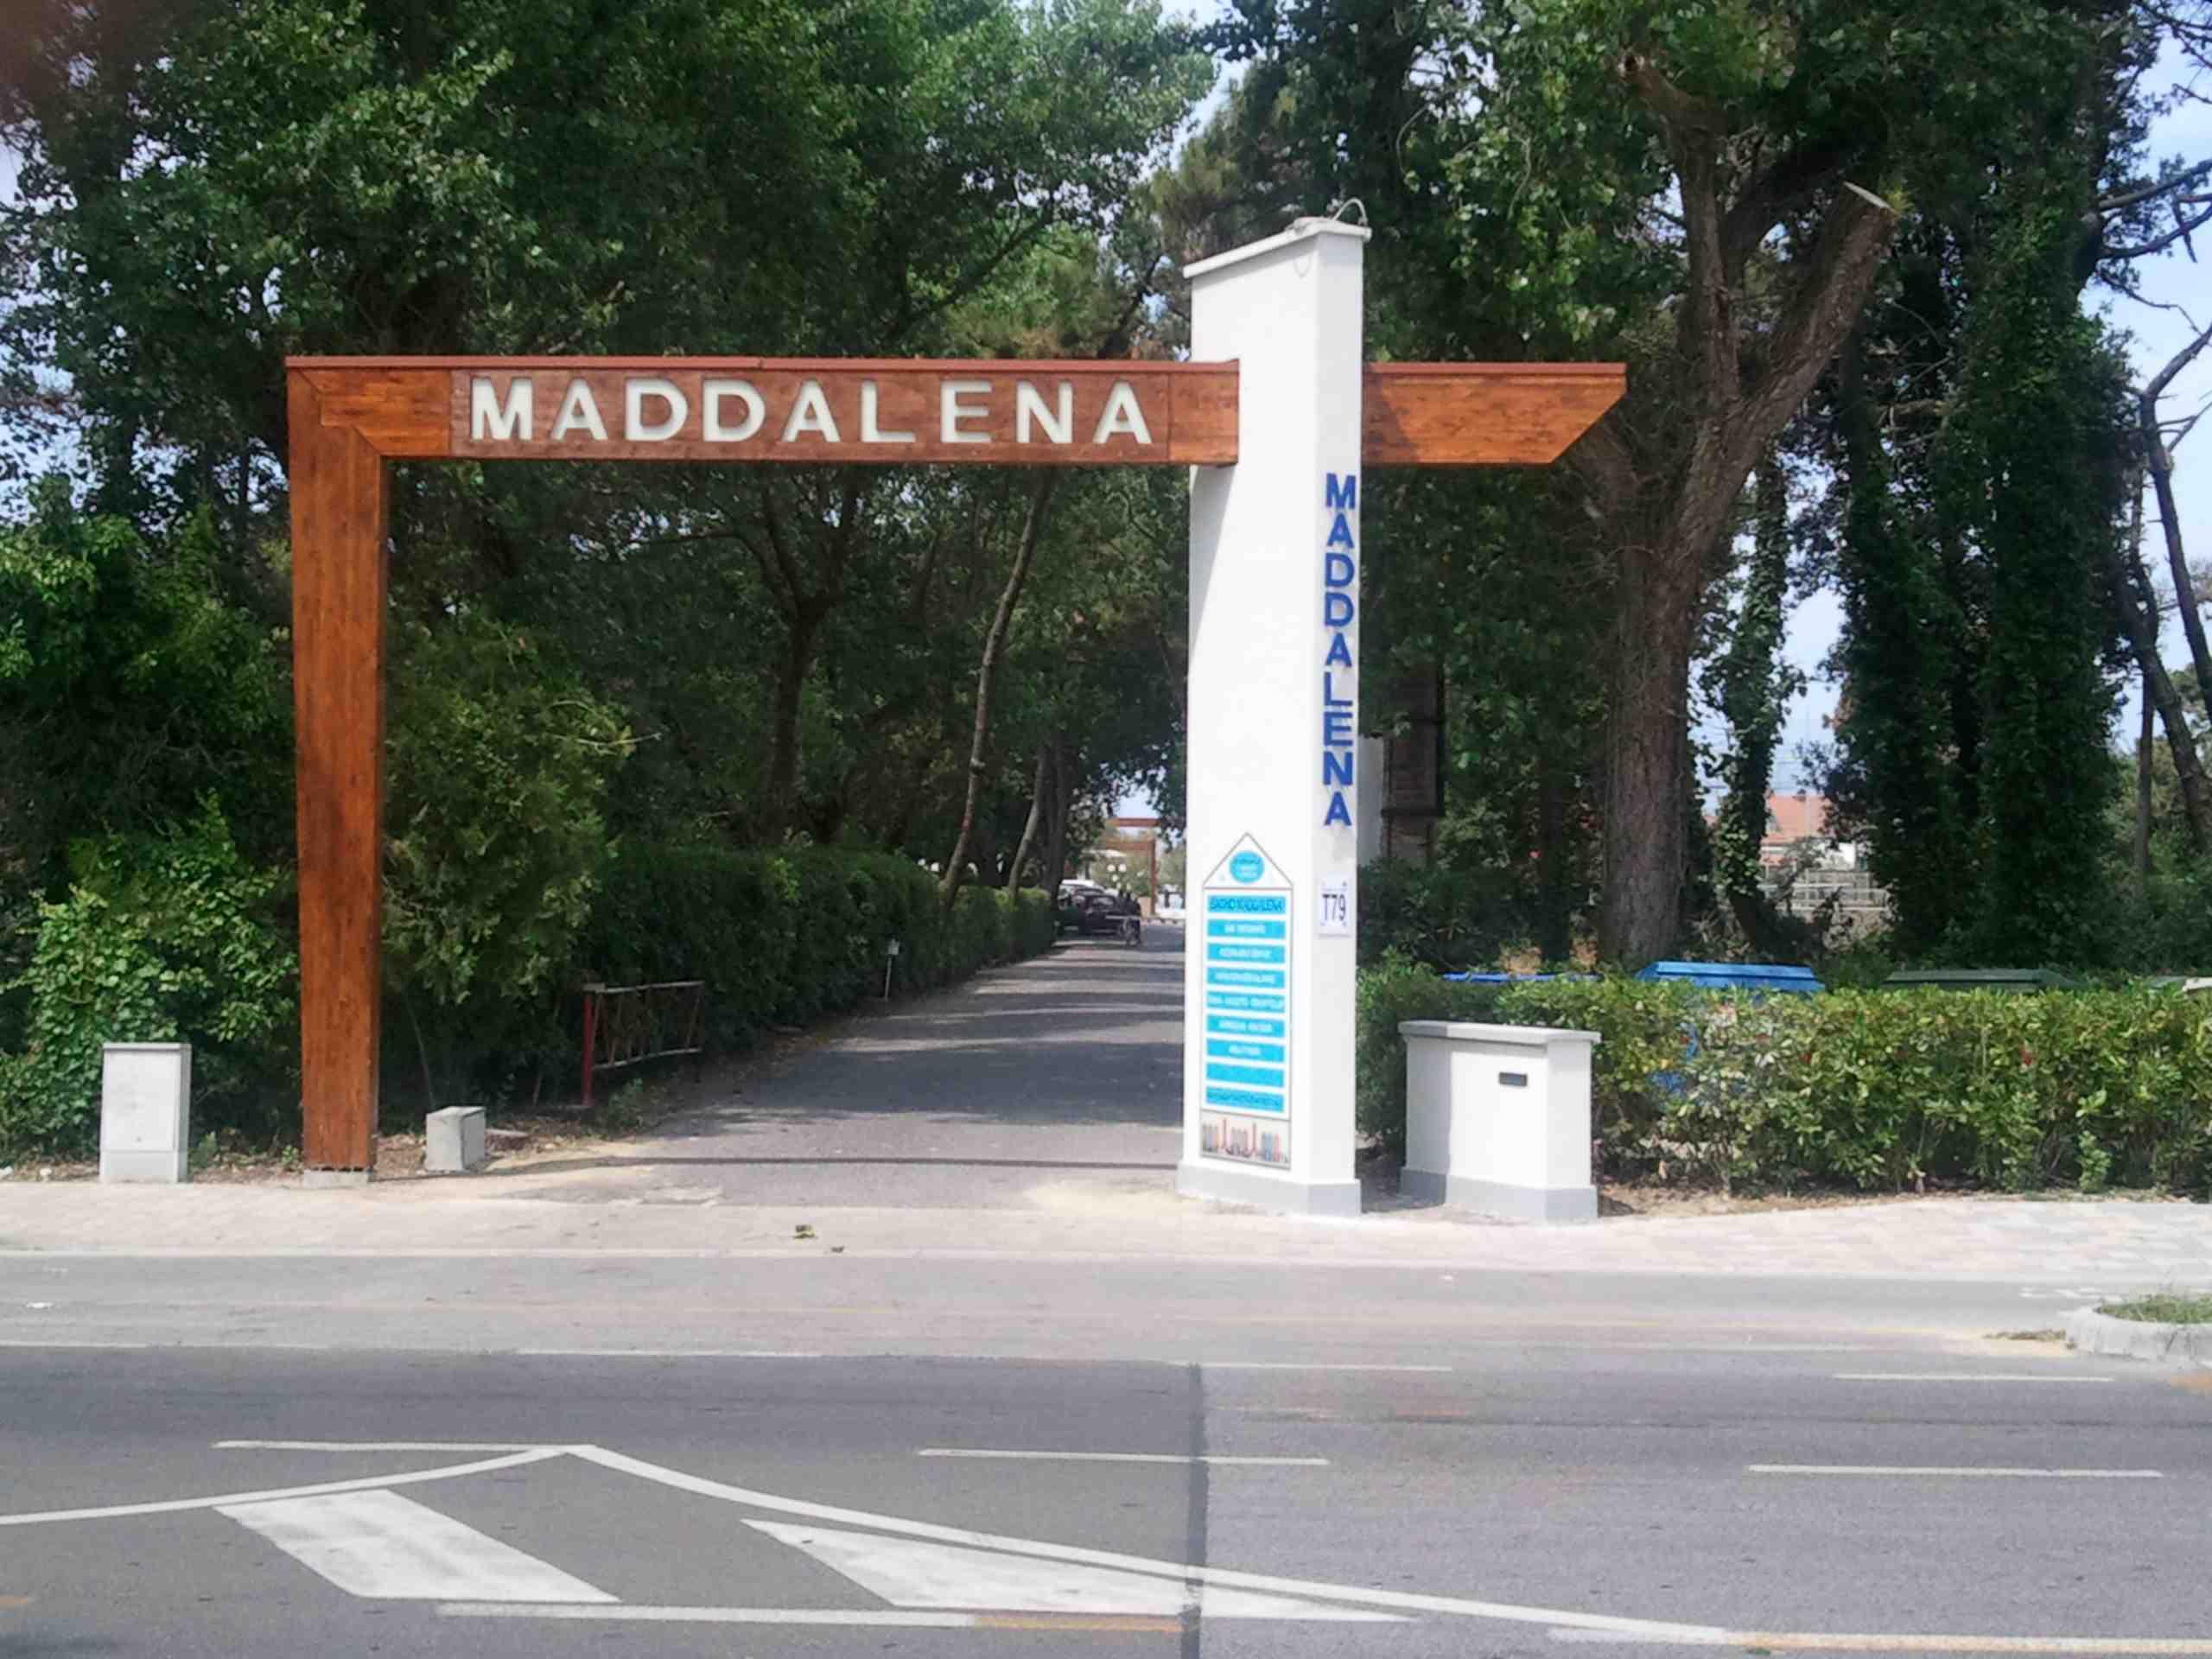 Bagno MADDALENA - Tirrenia >> Contatti